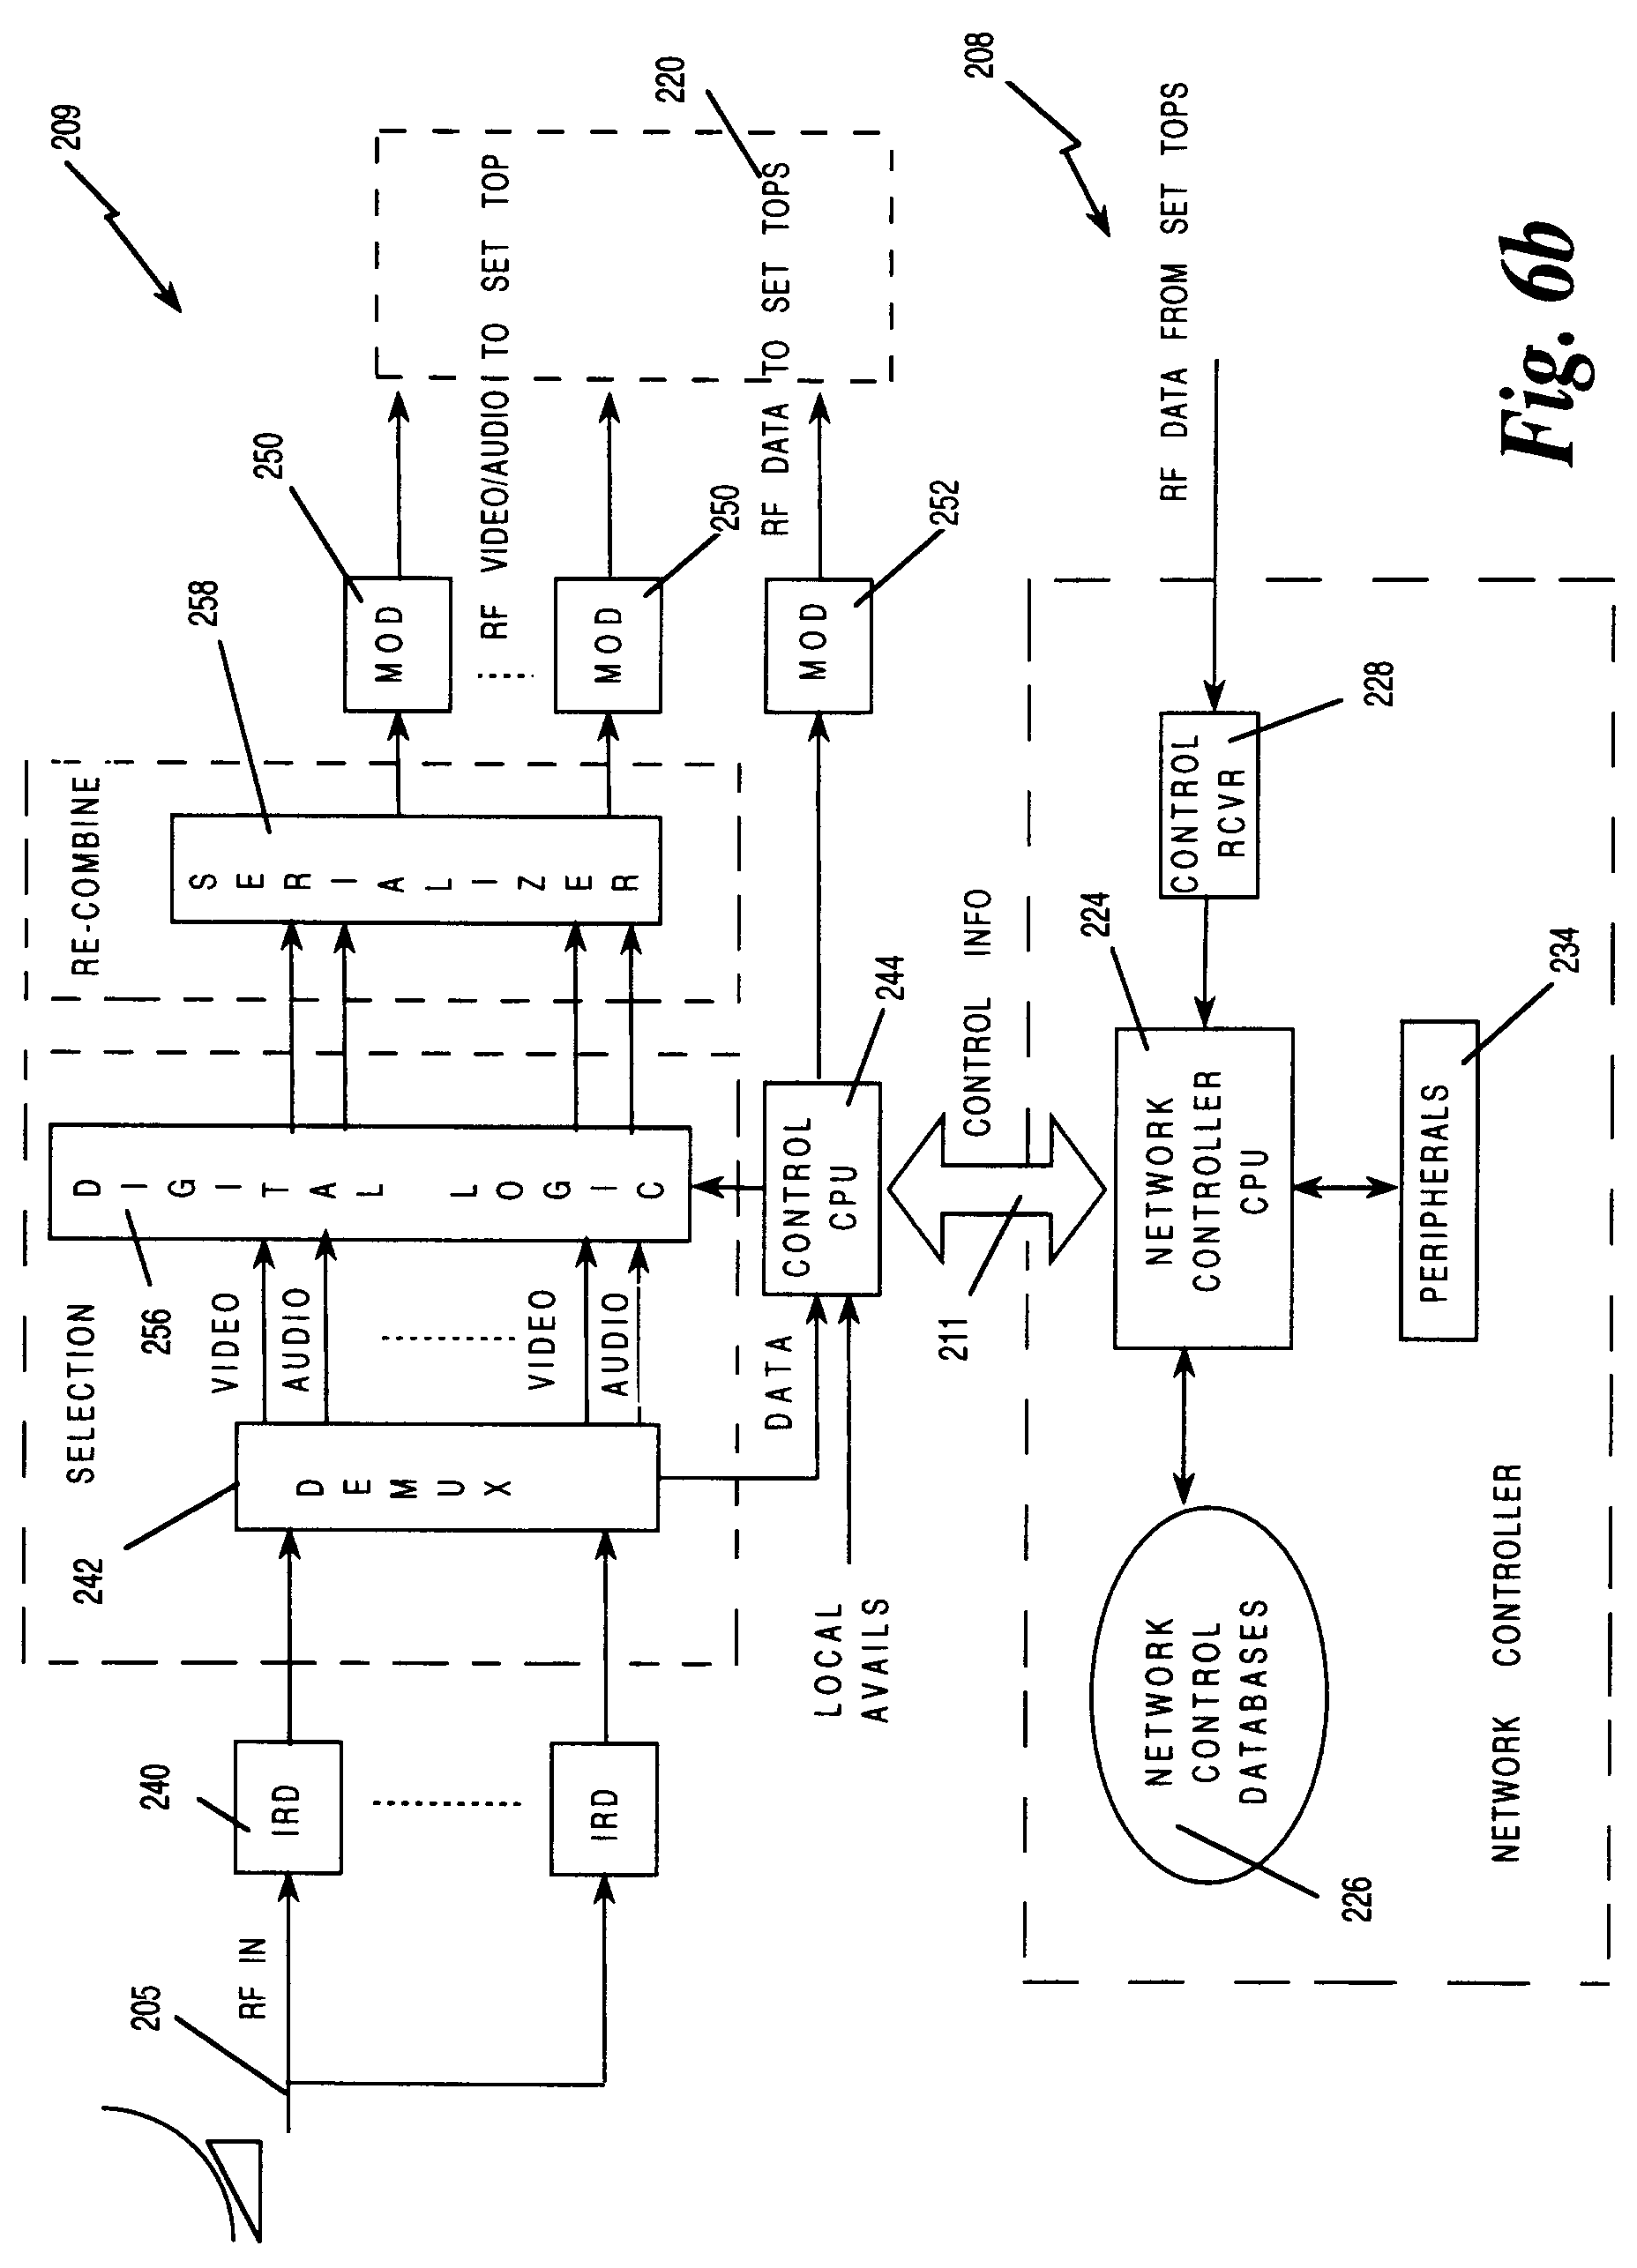 Elektrisches Schema Fur Phase Consuel